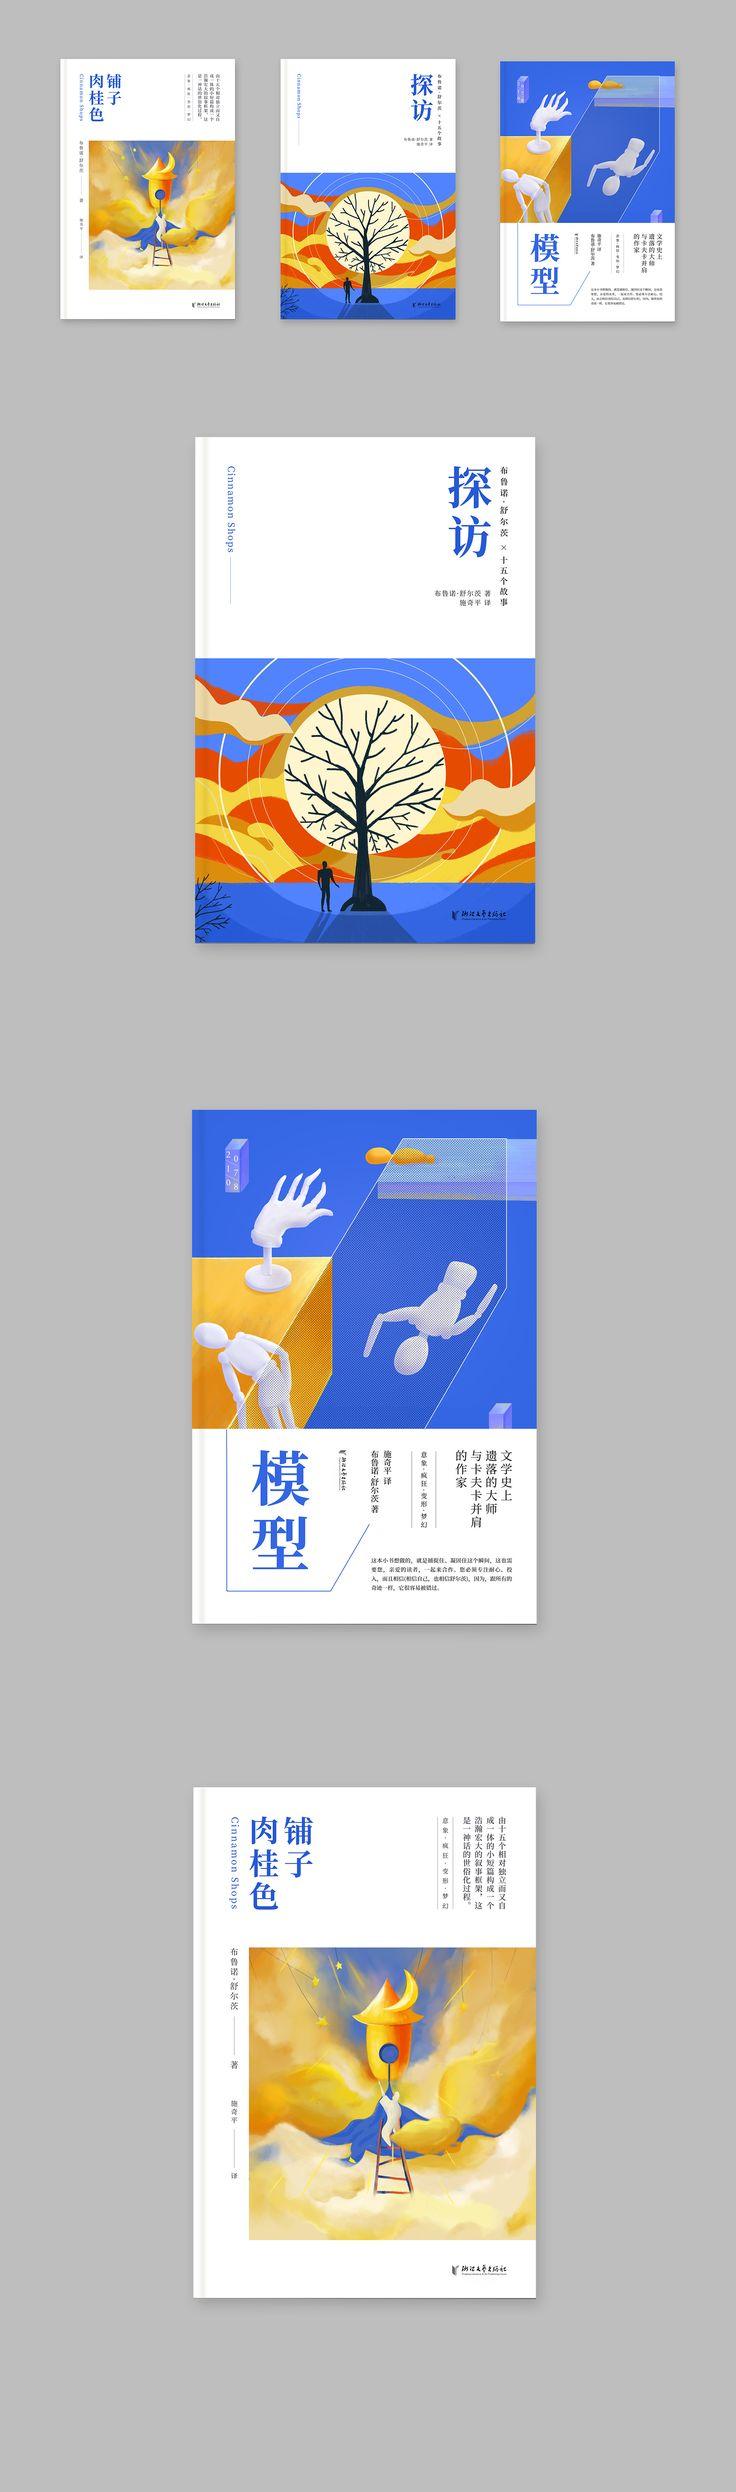 书籍封面设计 平面 书装/画册 白鹭游舞         - 原创作品 - 站酷 (ZCOOL)